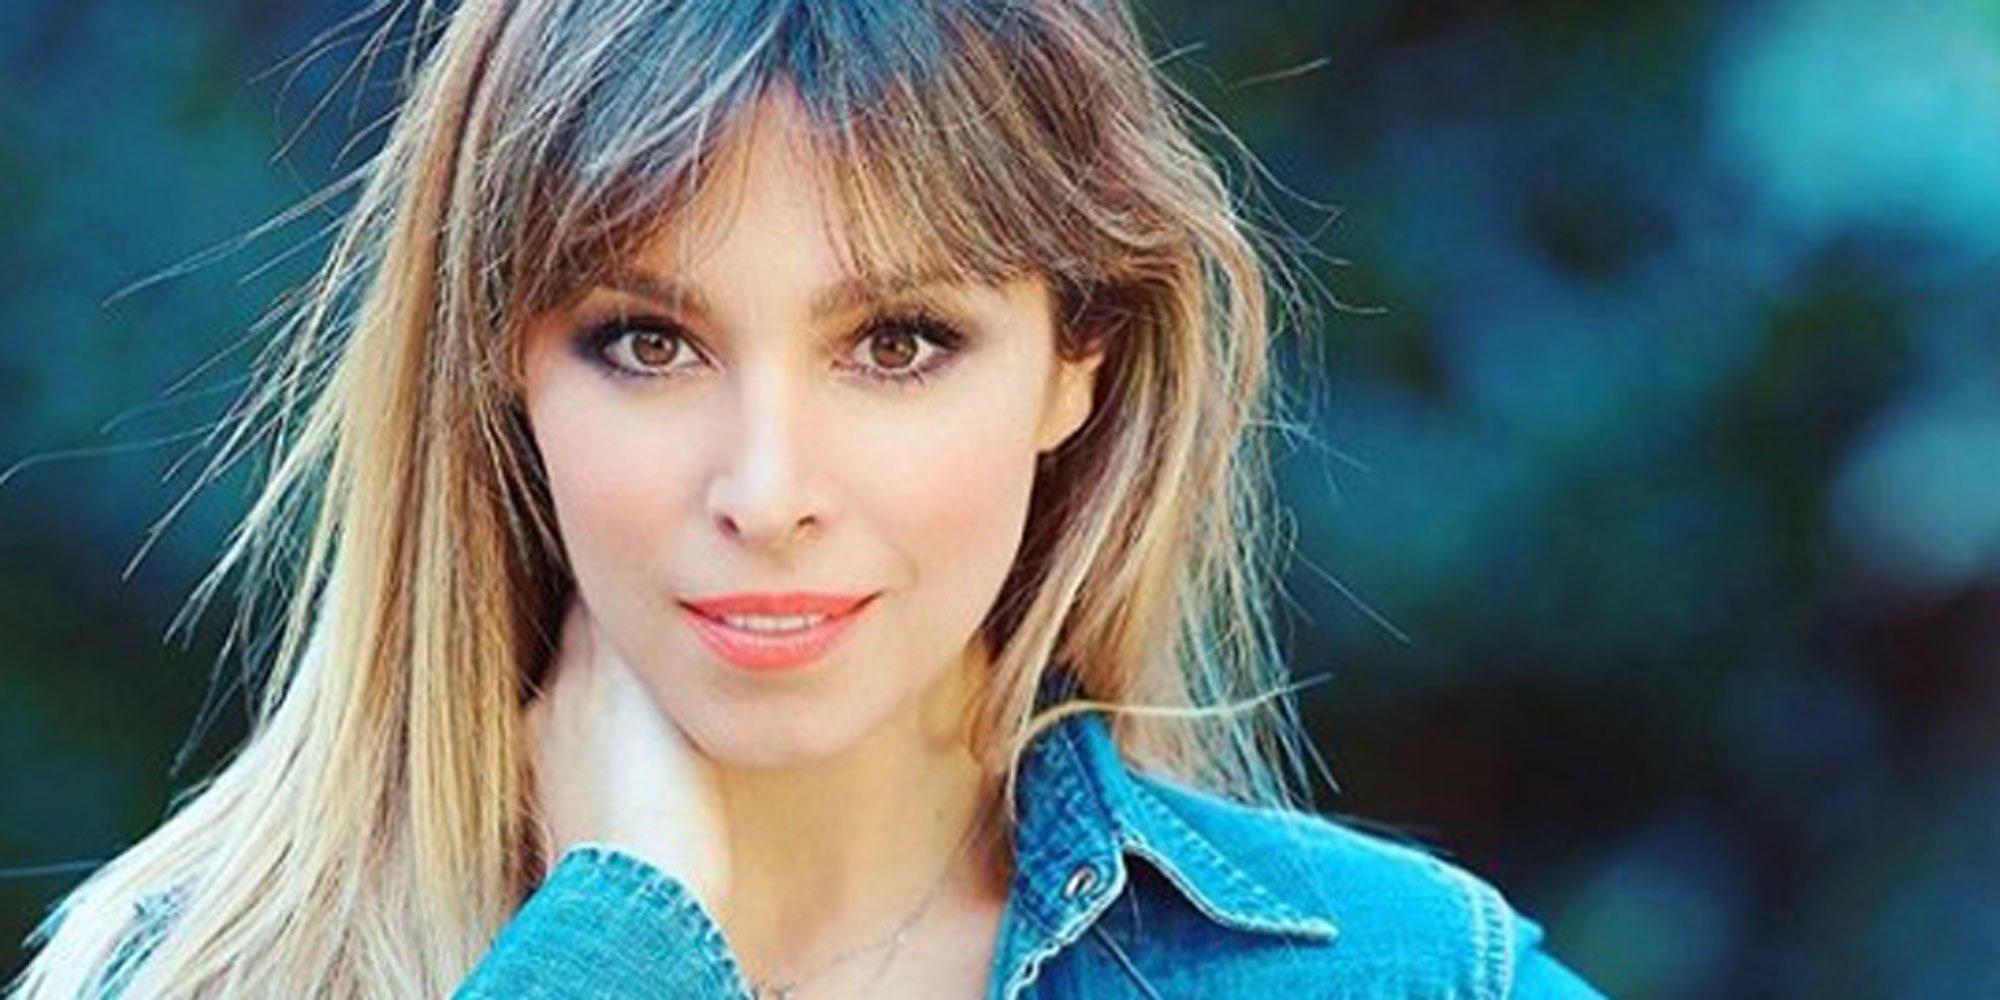 Gisela actuará en la gala de los Premios Oscar 2020 con otras voces de Elsa de 'Frozen'